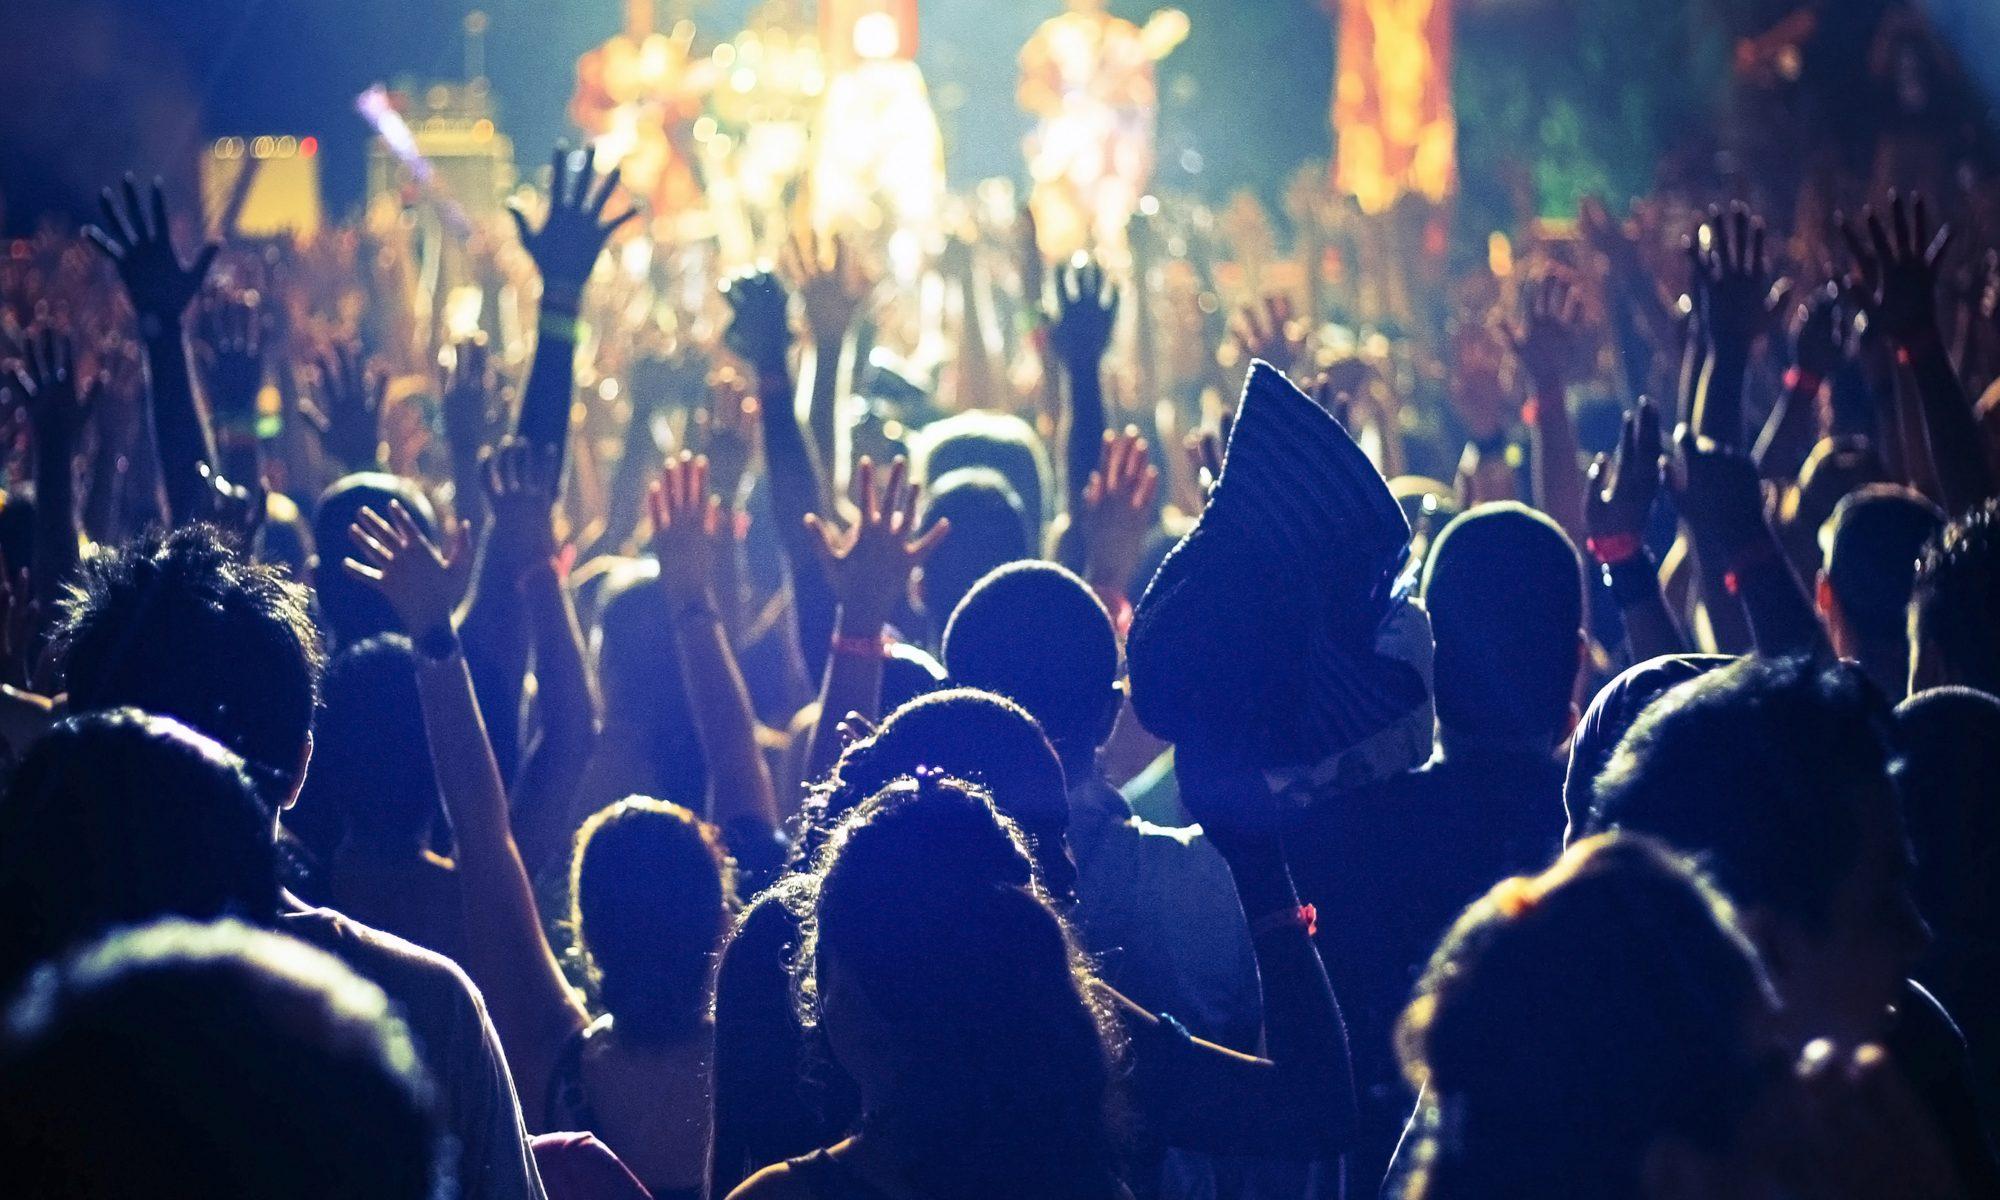 tłum ludzi podczas koncertu na festiwalu muzycznym